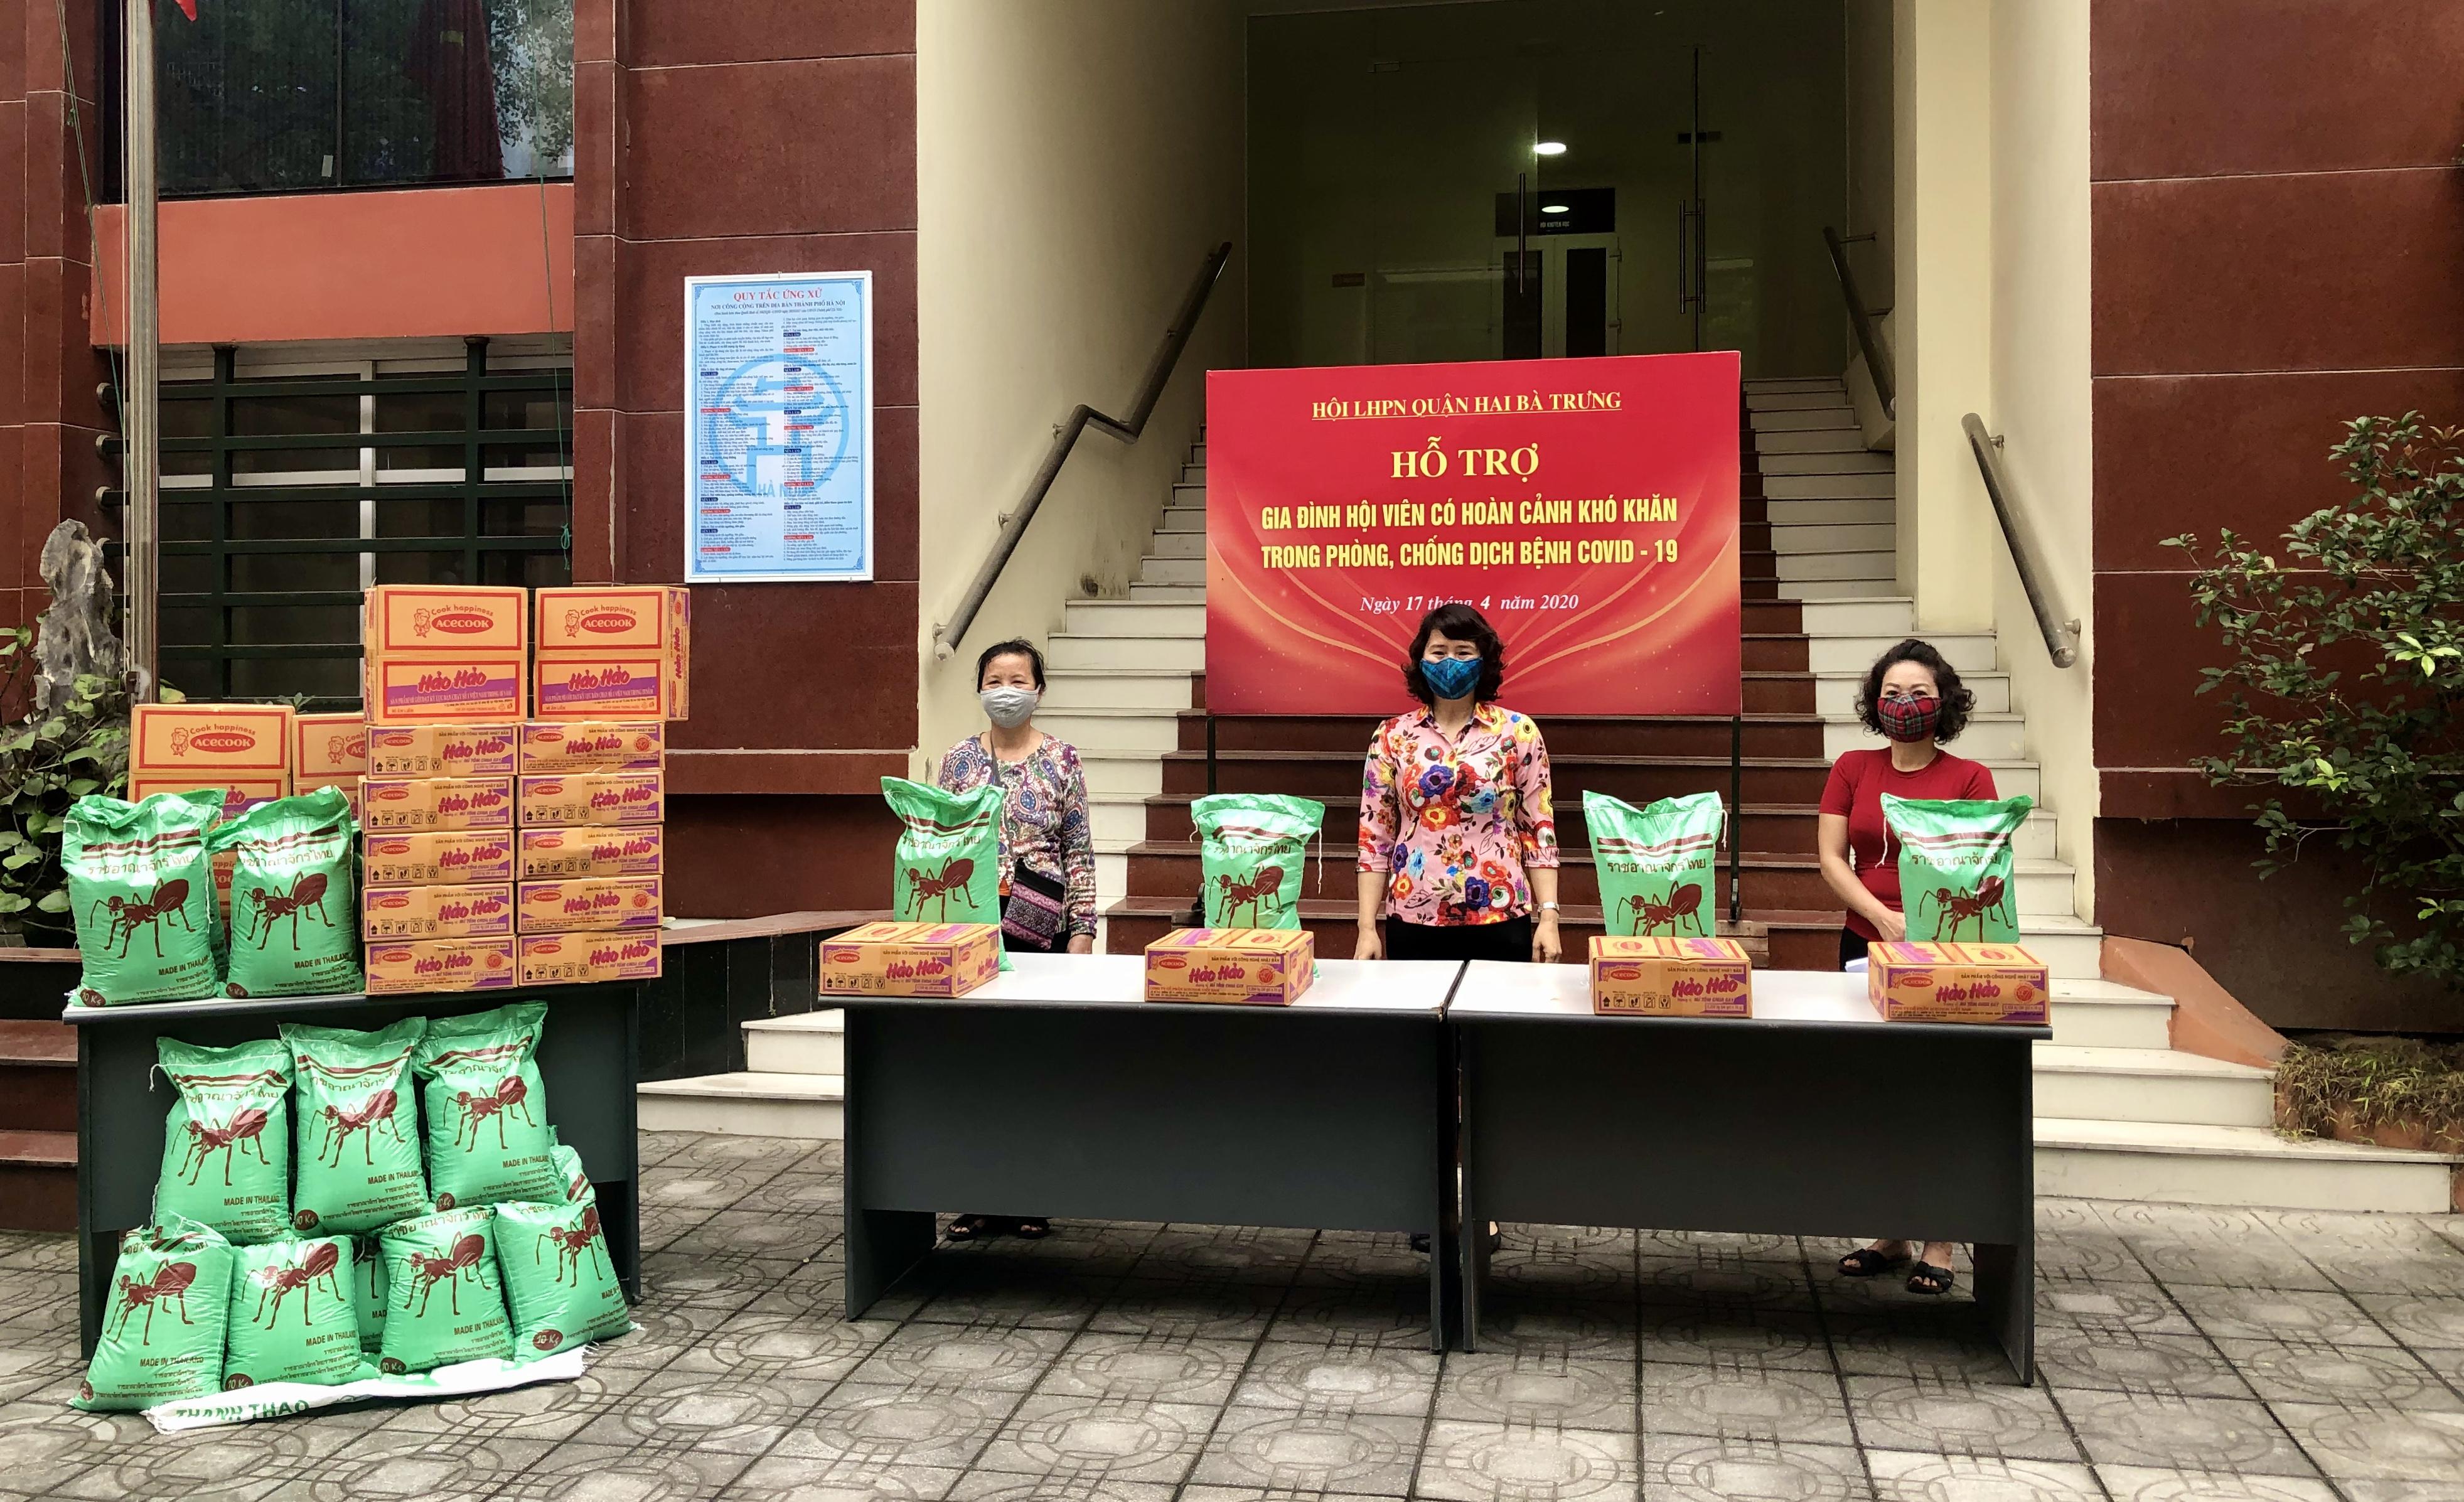 Hội LHPN Hai Bà Trưng trao quà hỗ trợ cho các hội viên có hoàn cảnh khó khăn của 18 phường